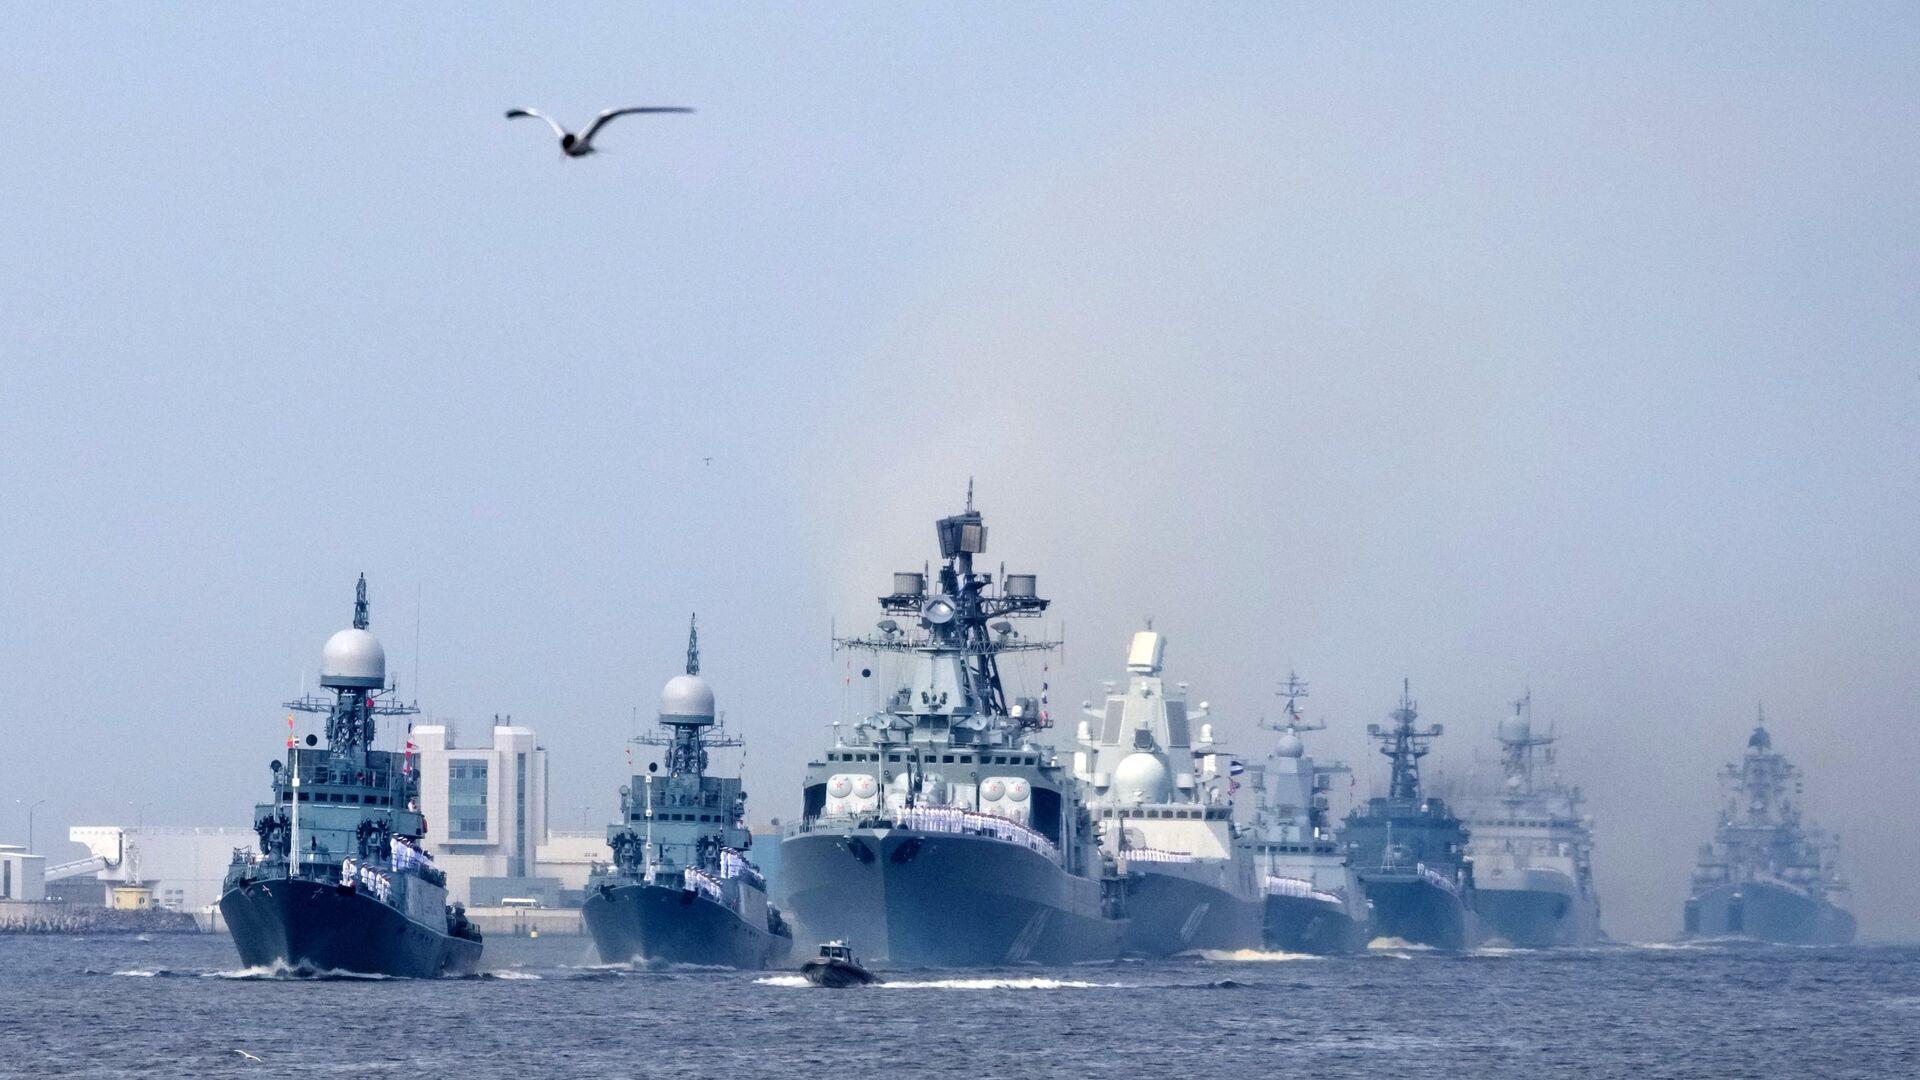 Корабли ВМФ во время генеральной репетиции военно-морского парада в Кронштадте - РИА Новости, 1920, 18.05.2021